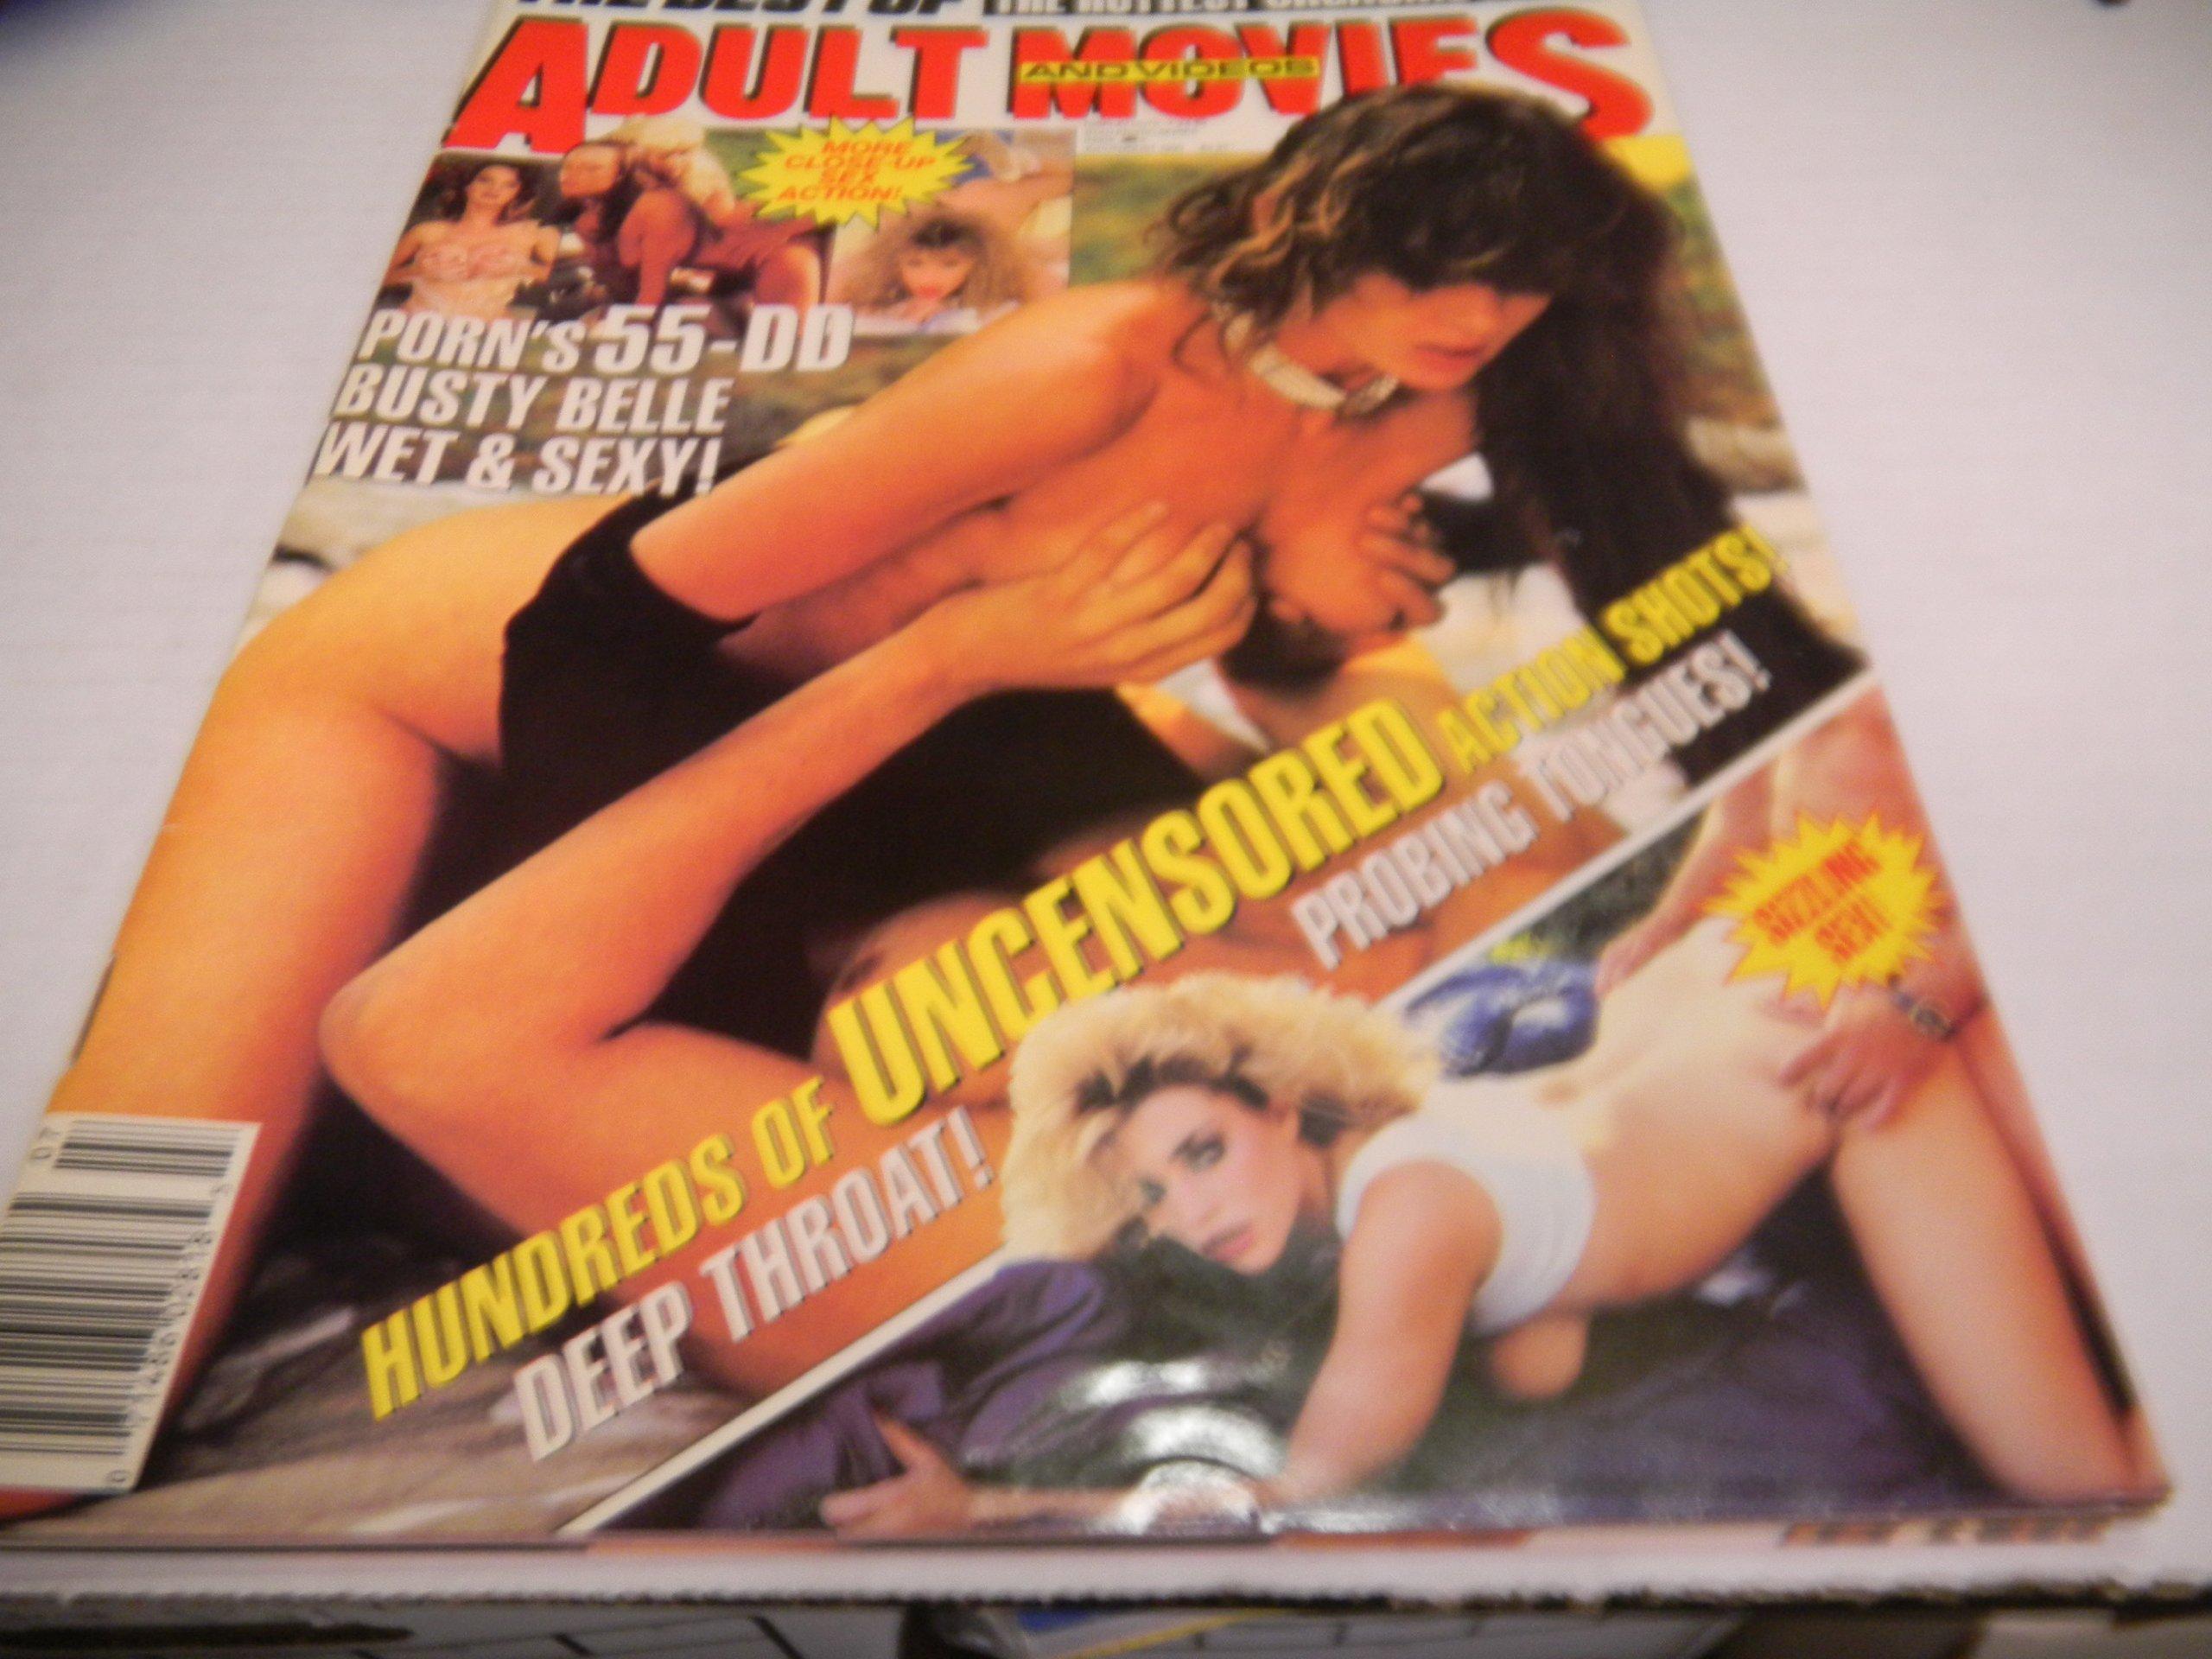 Bintang sex porno american